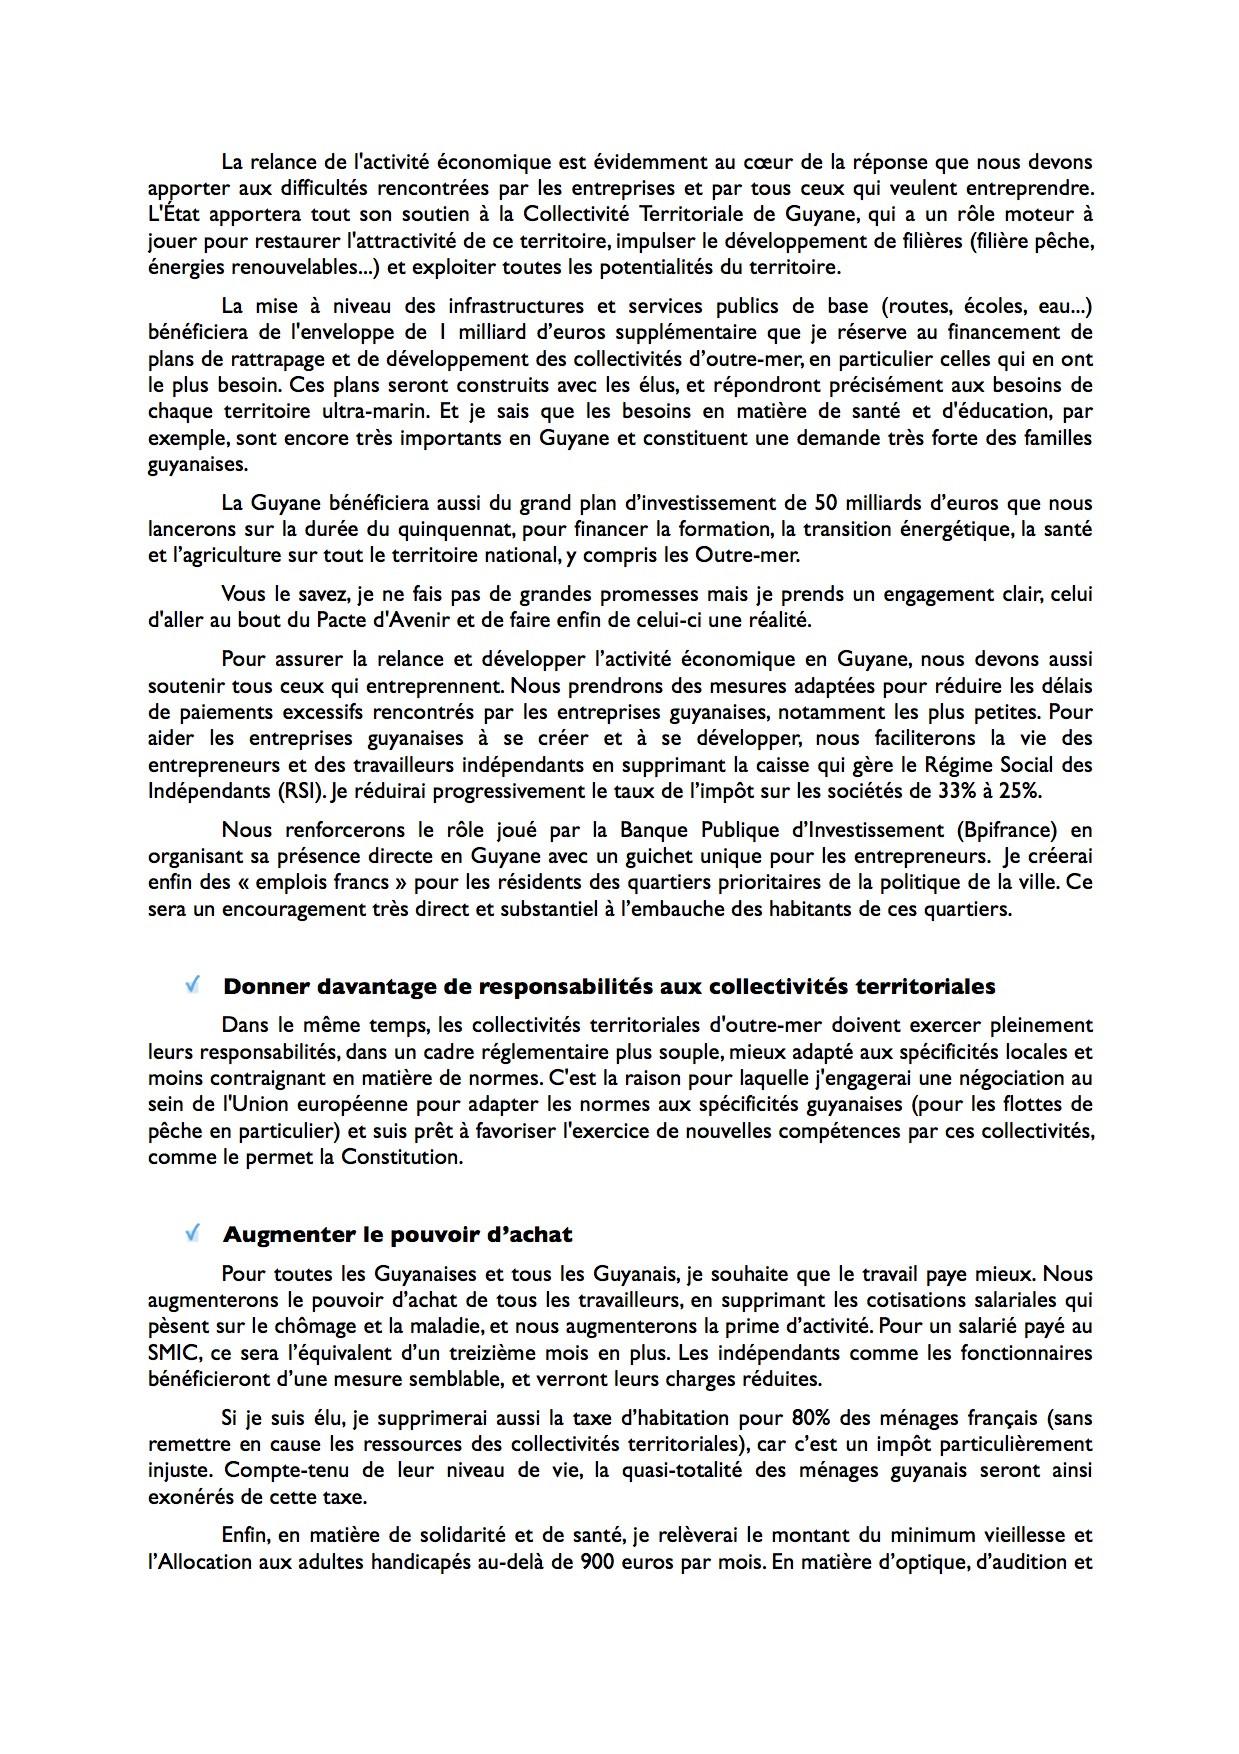 lettre-ouverte-Guyane-2